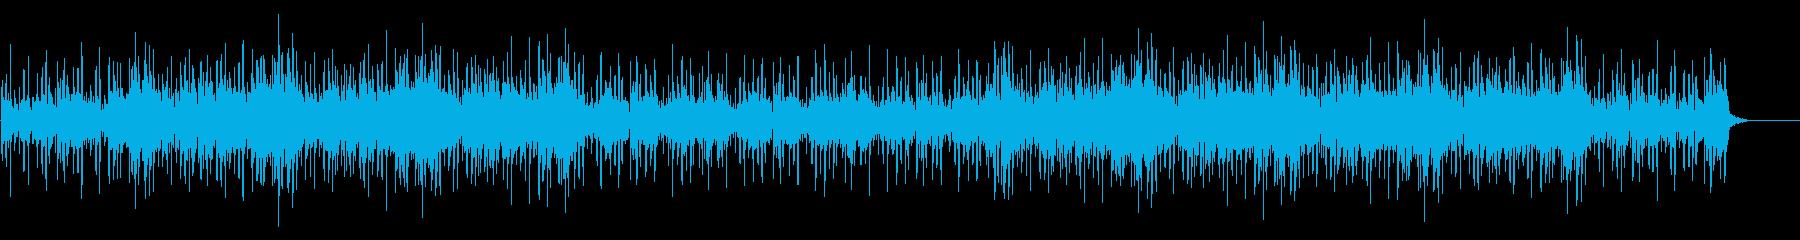 神秘的で不思議なエレクトロBGMの再生済みの波形